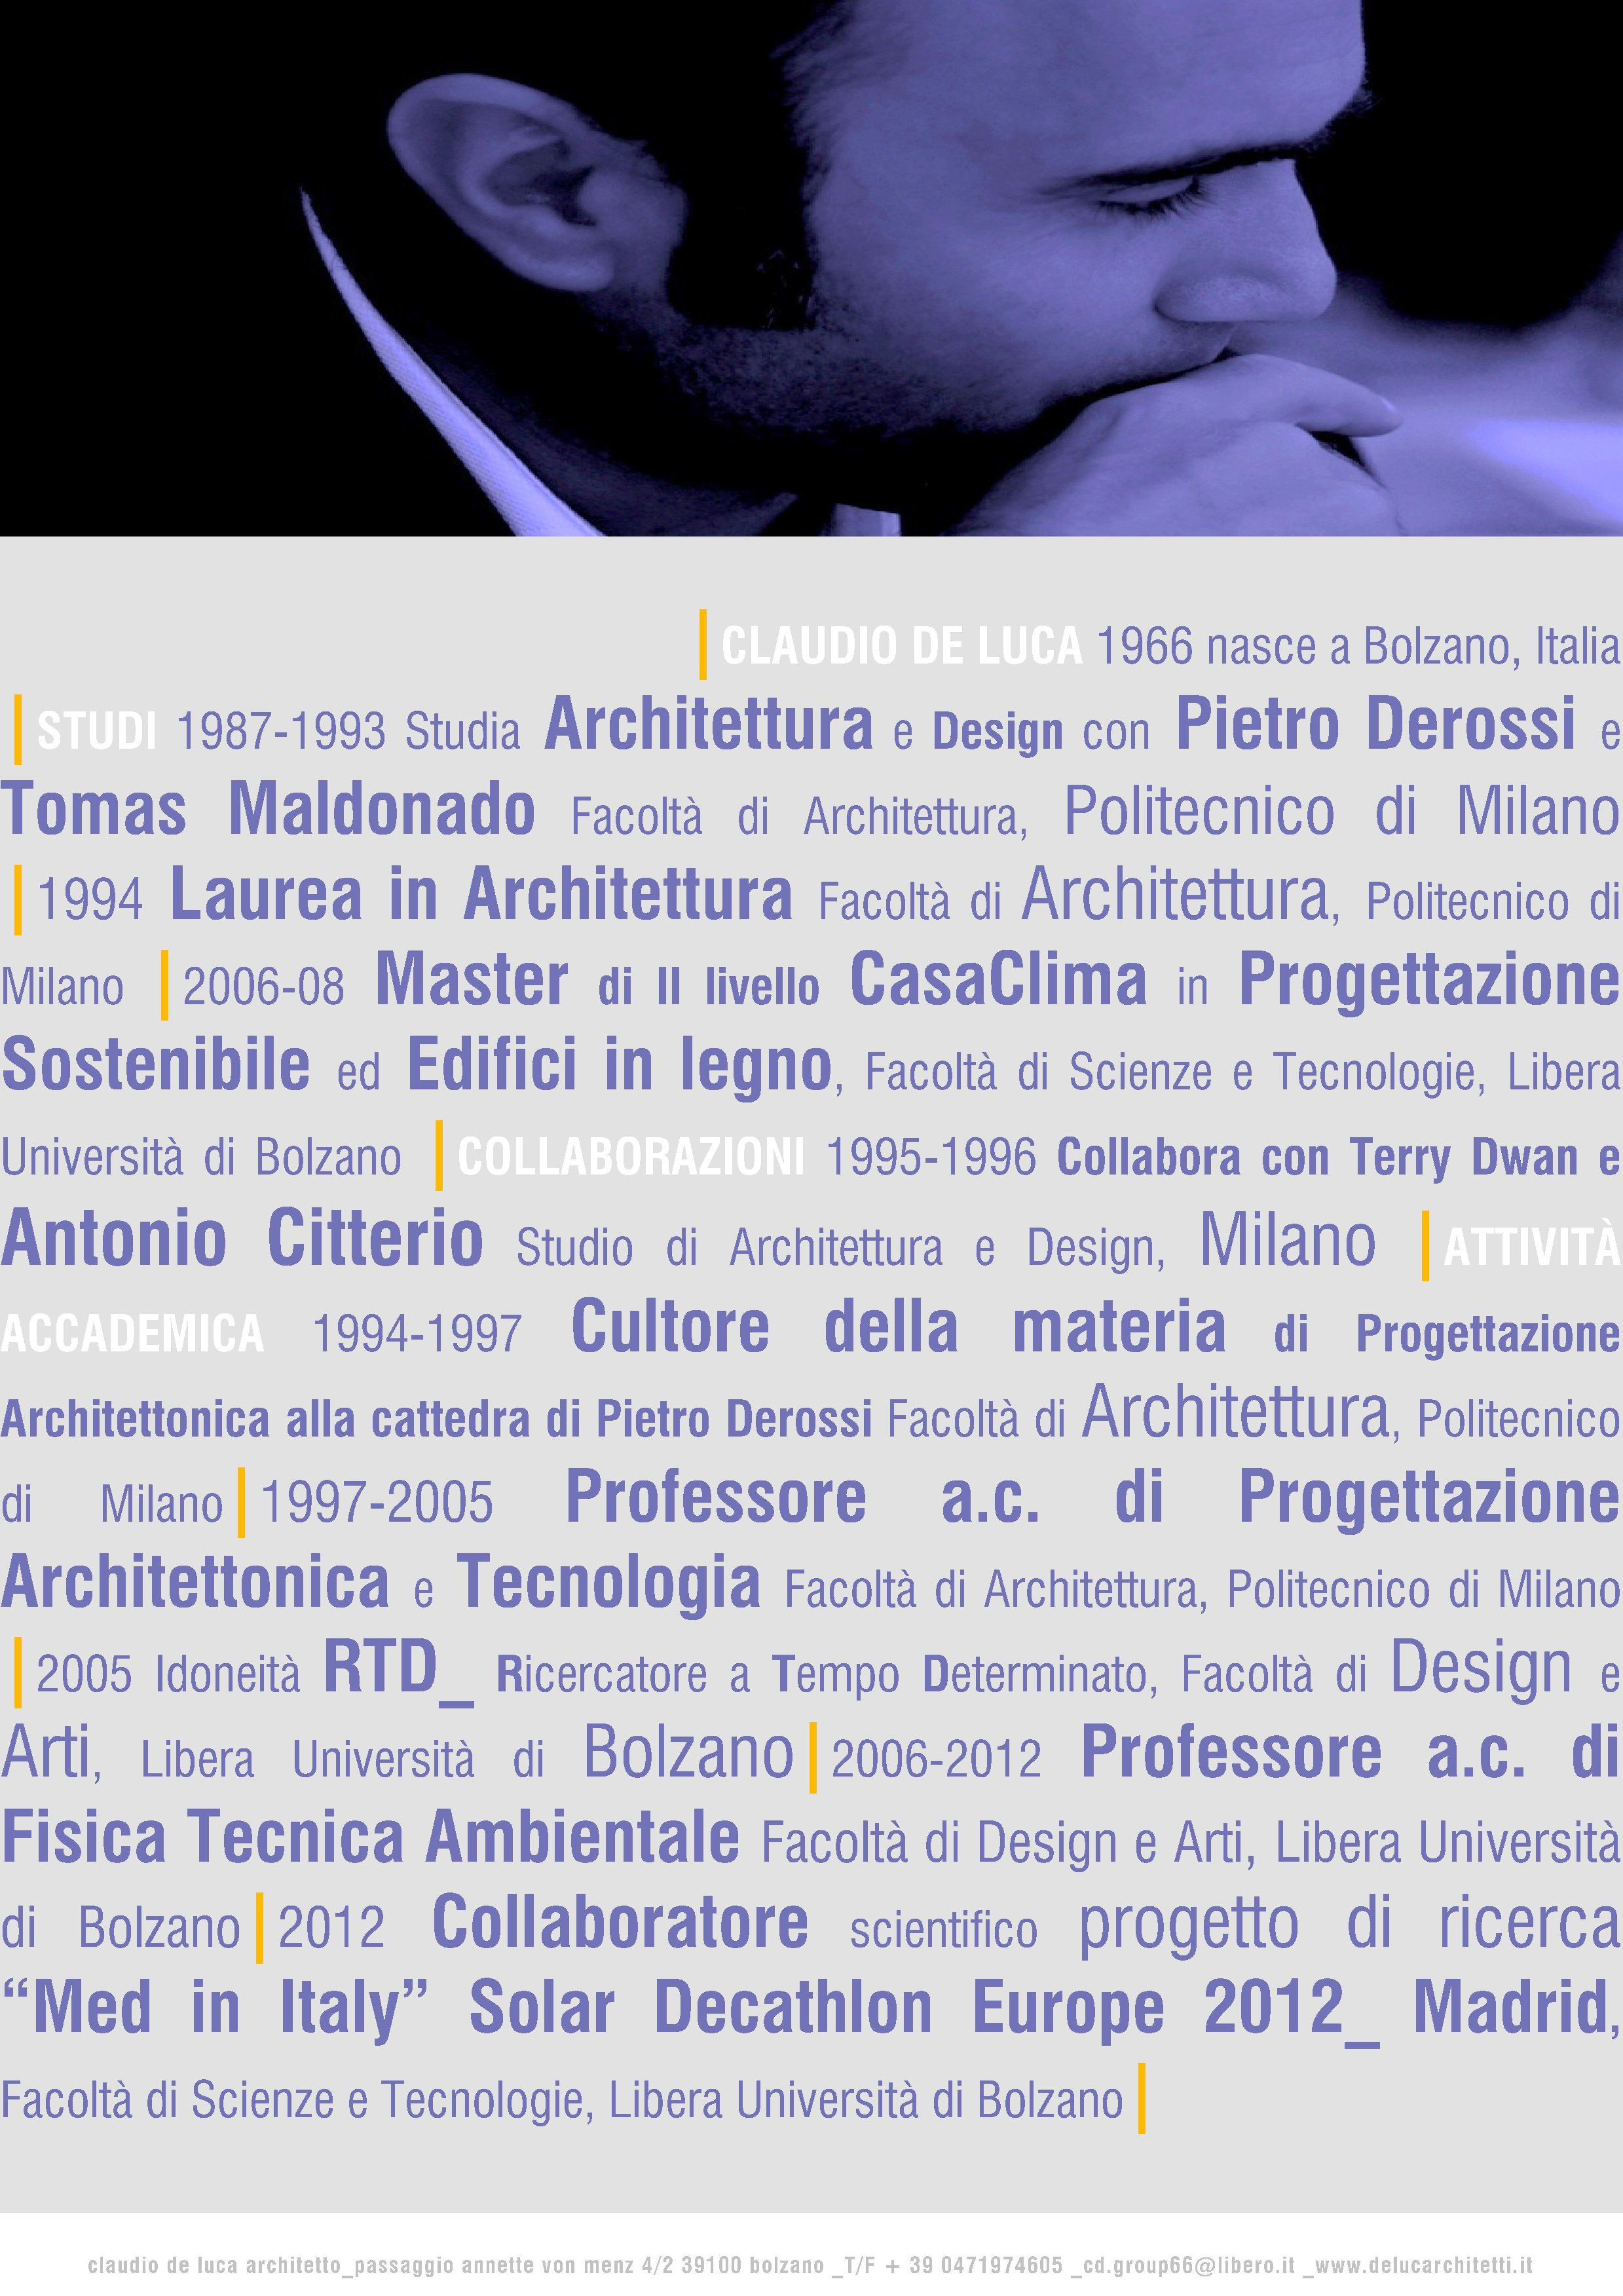 Claudio De Luca Architetto Bolzano